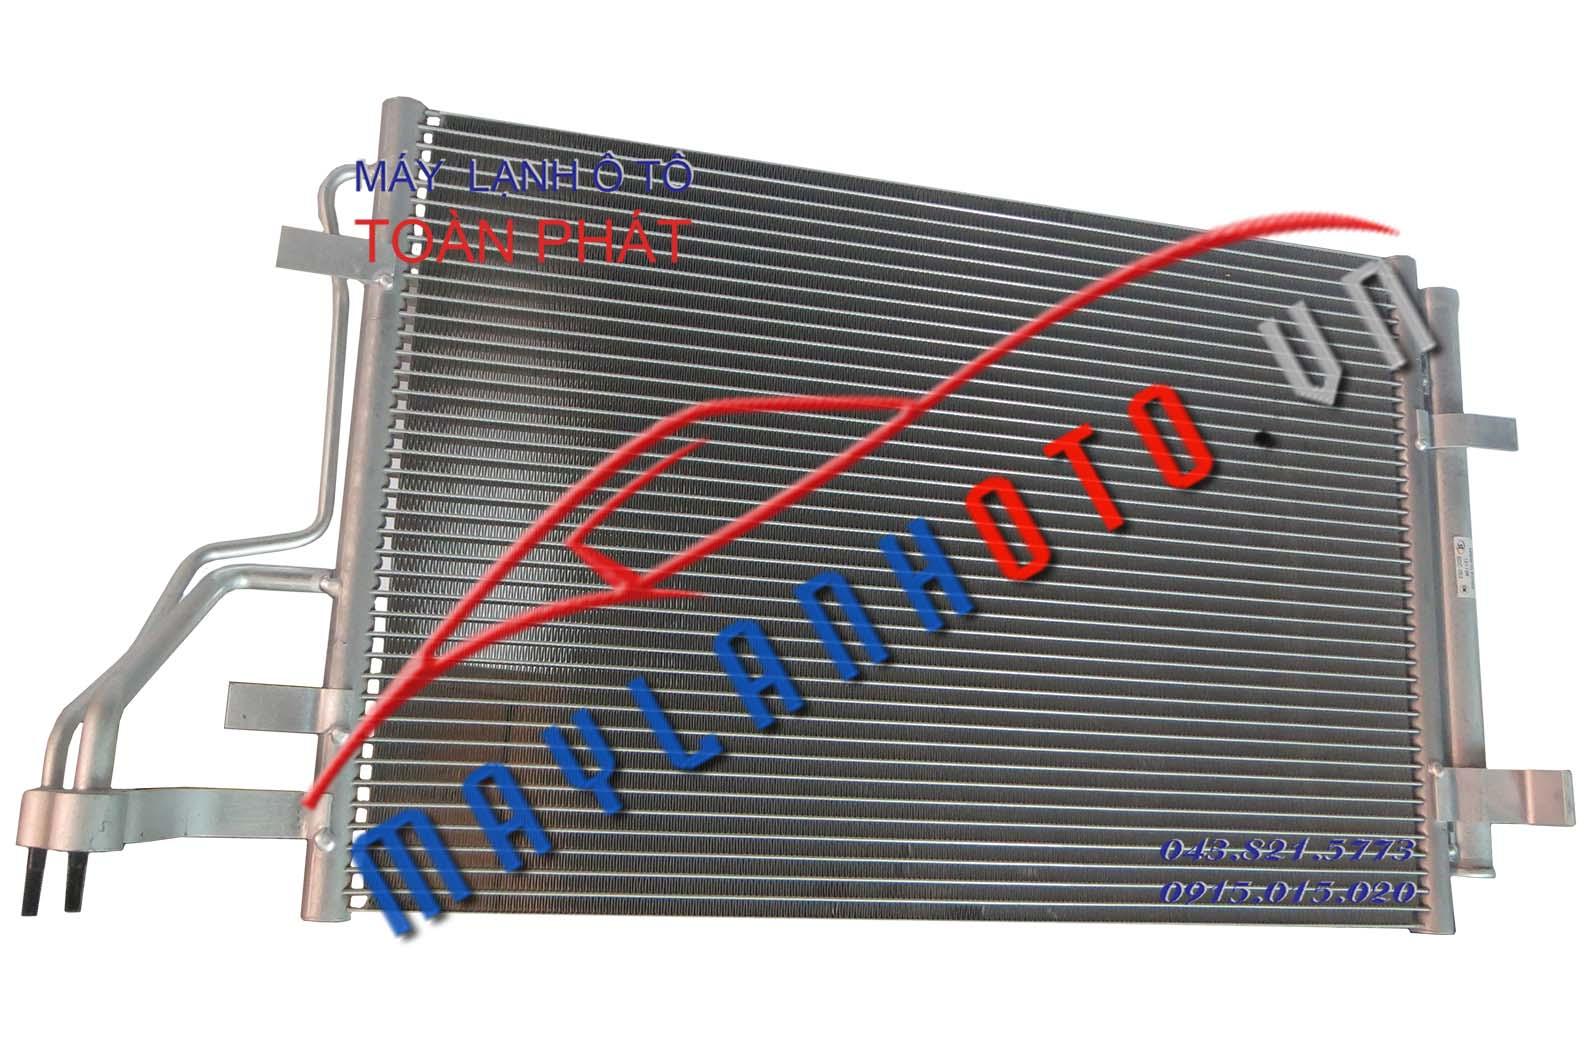 i30 / Giàn nóng điều hòa Hyundai i30 / Dàn nóng điều hòa Hyndai i30